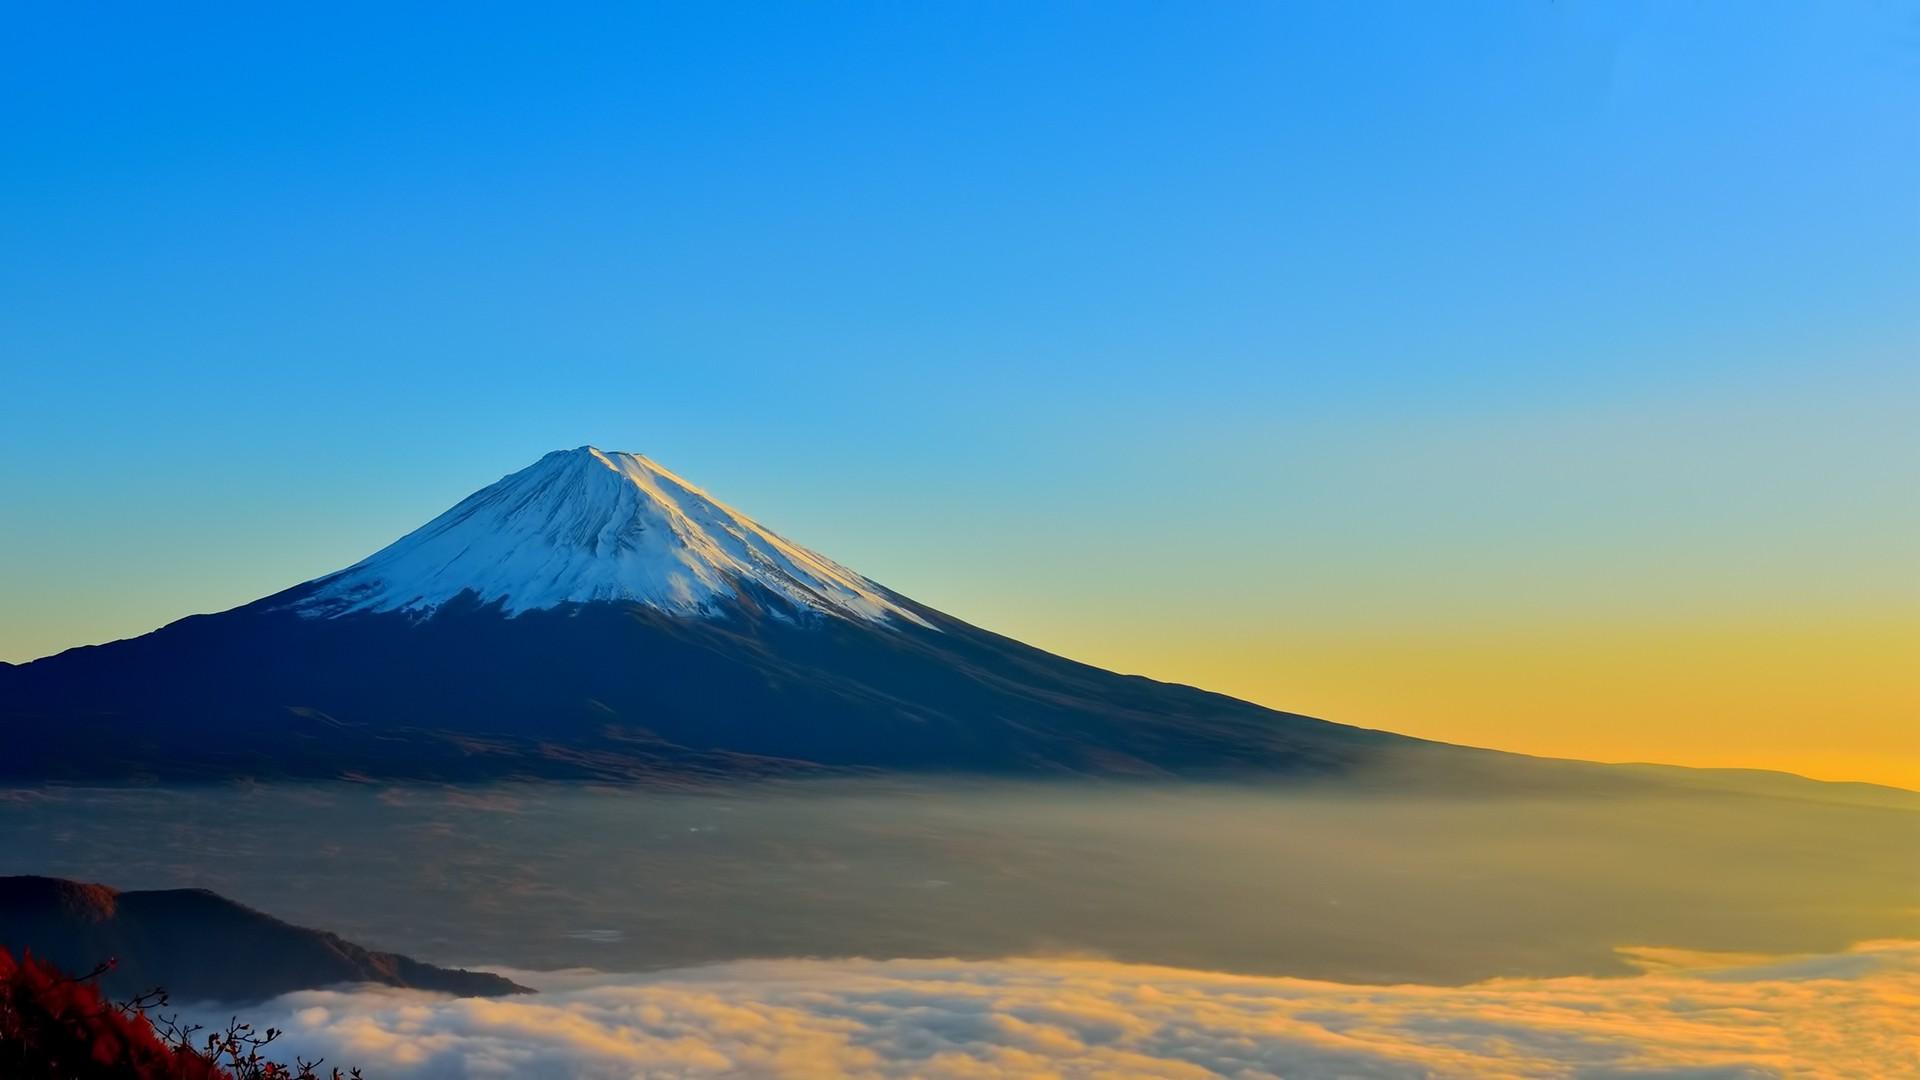 デスクトップ壁紙 日本 日光 富士山 丘 空 日の出 落ち着いた